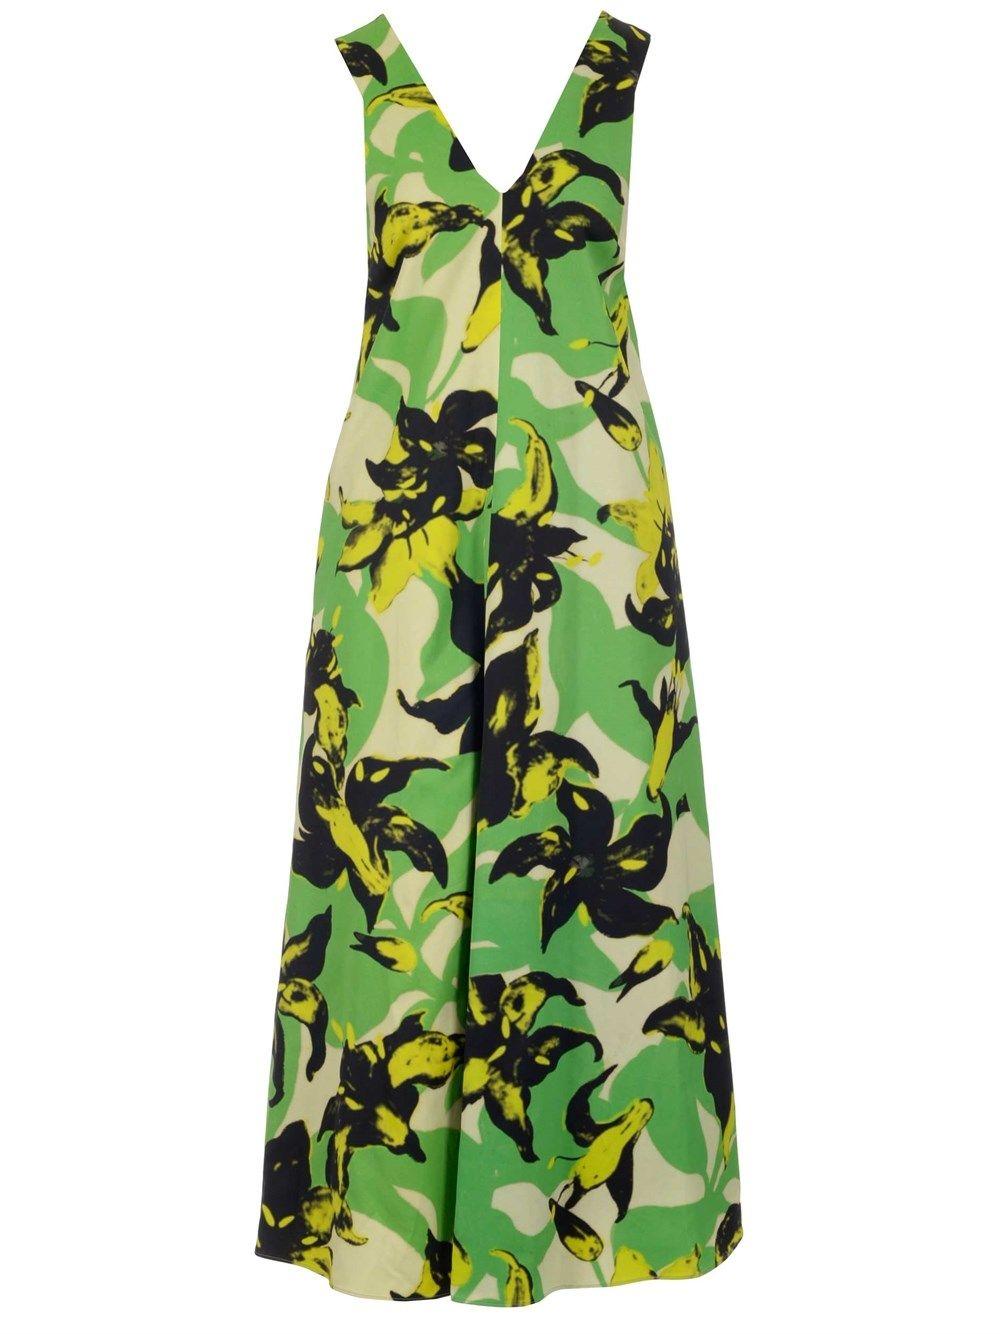 Dries Van Noten DRIES VAN NOTEN WOMEN'S GREEN OTHER MATERIALS DRESS